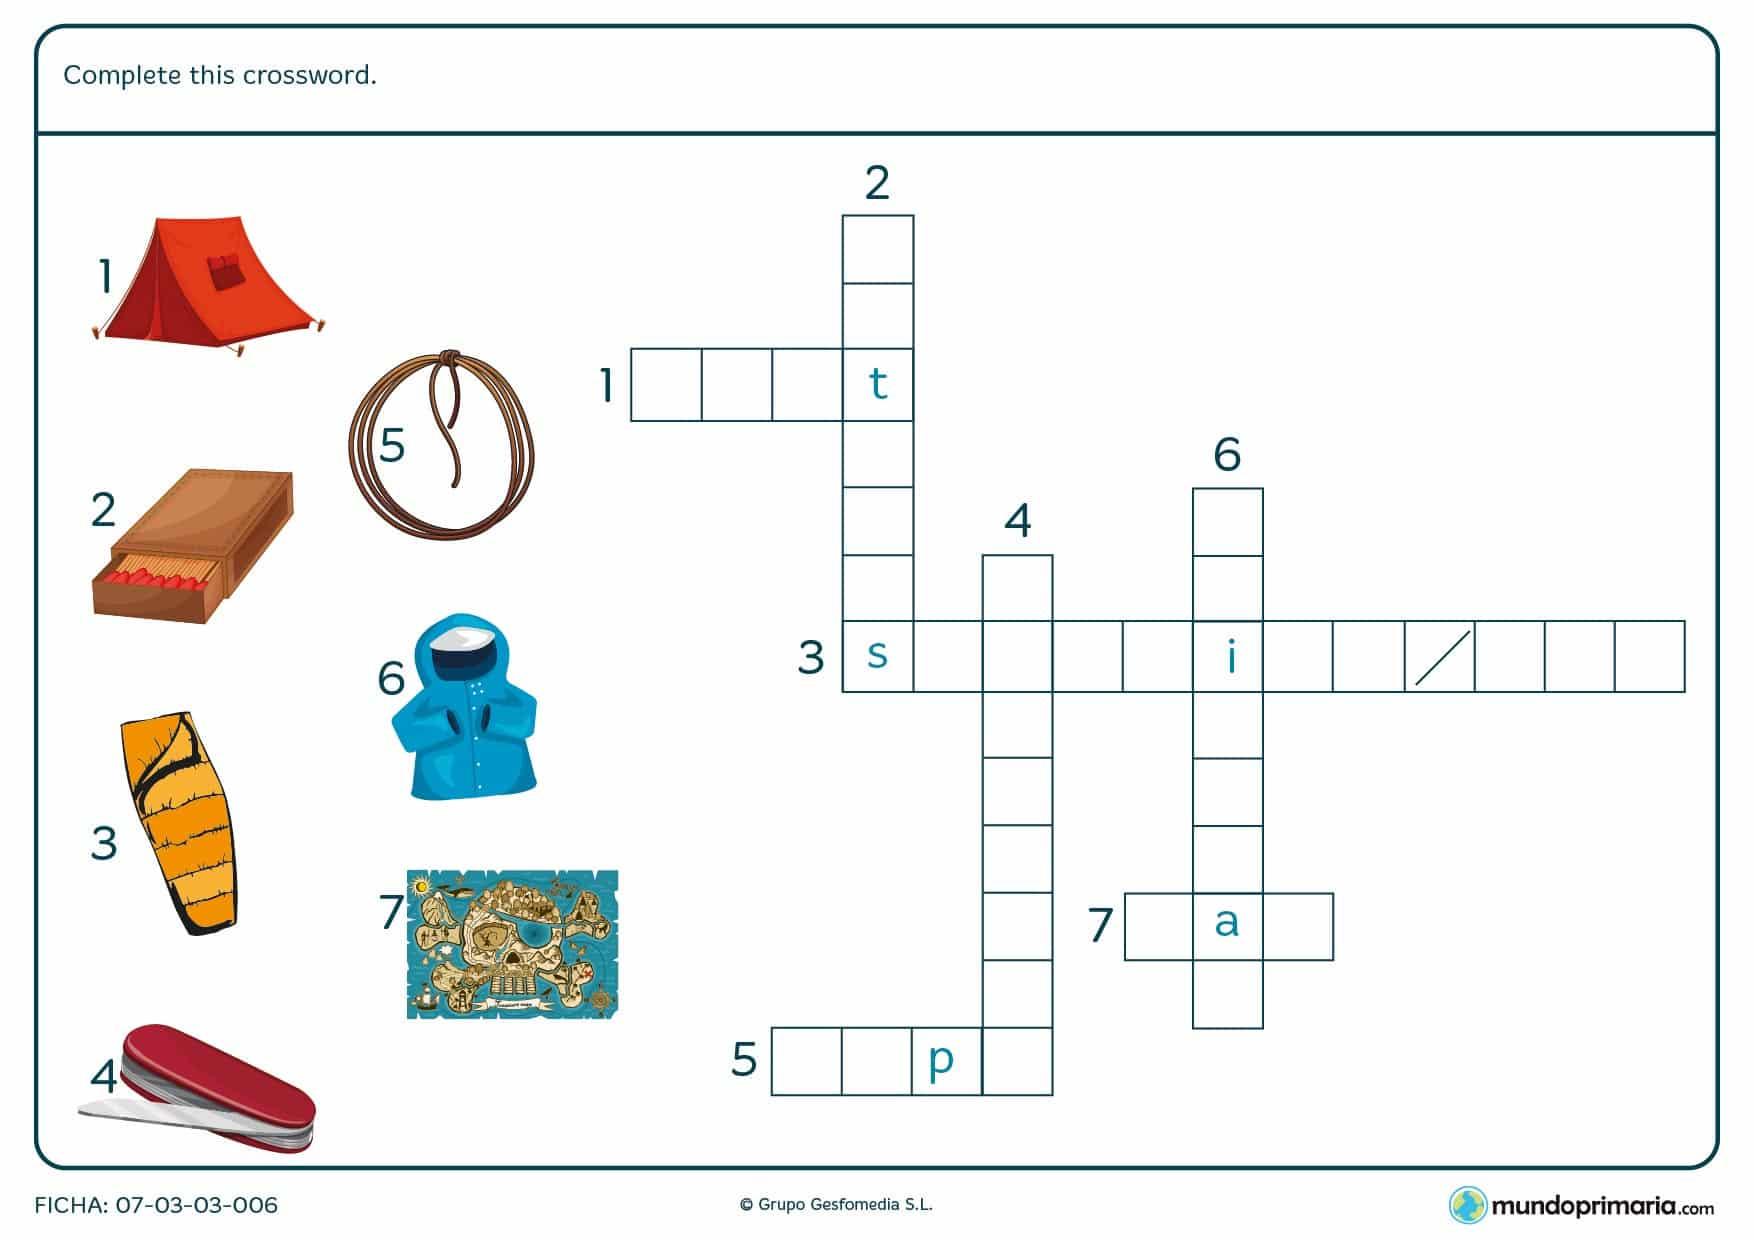 Rellena el crucigrama de vocabulario de acampada en inglés.